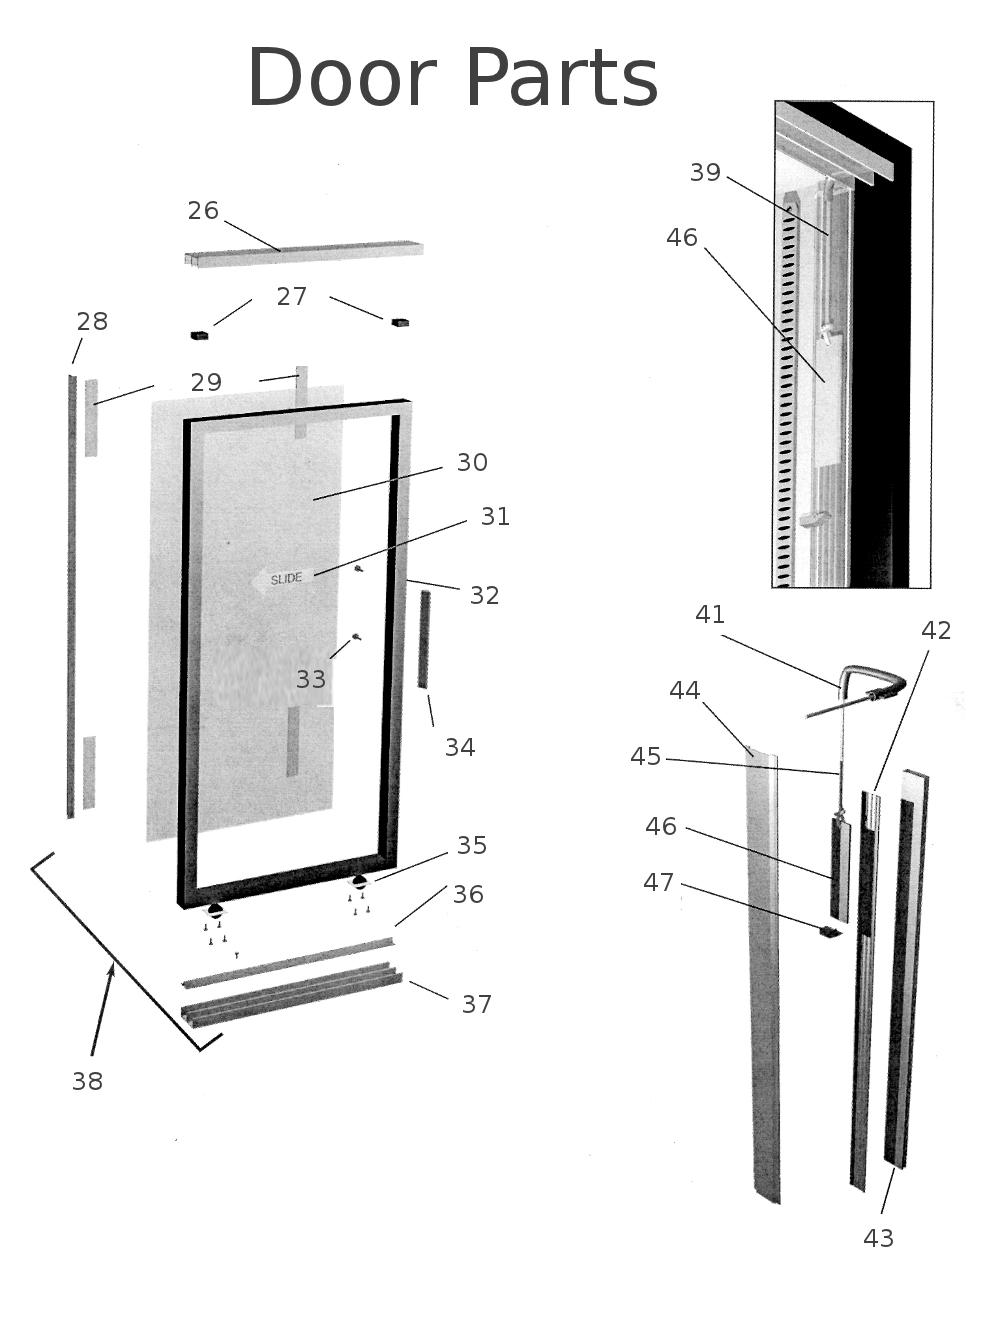 Refrigeration: True Refrigeration Door Parts